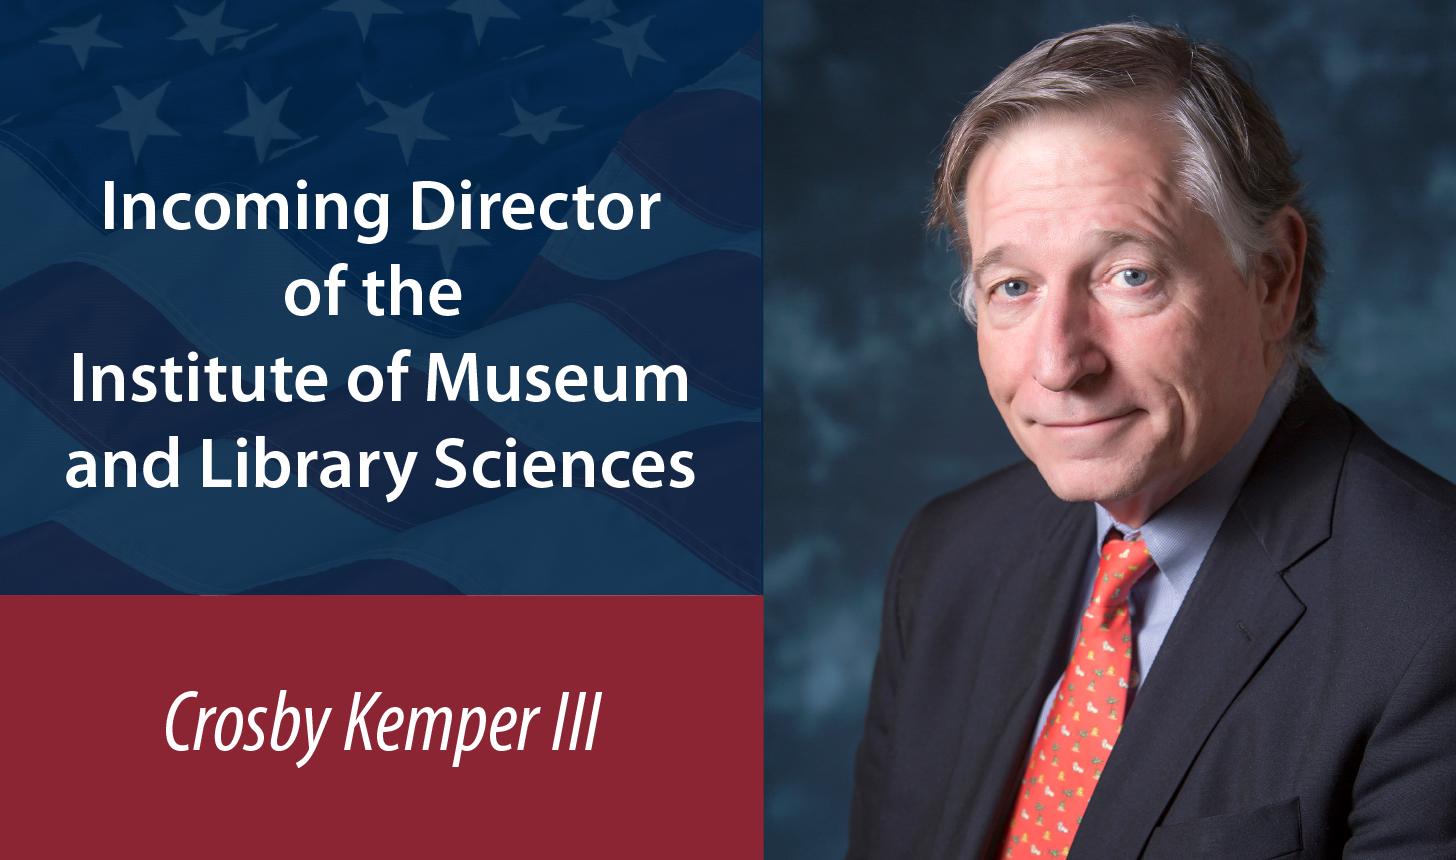 Crosby Kemper III